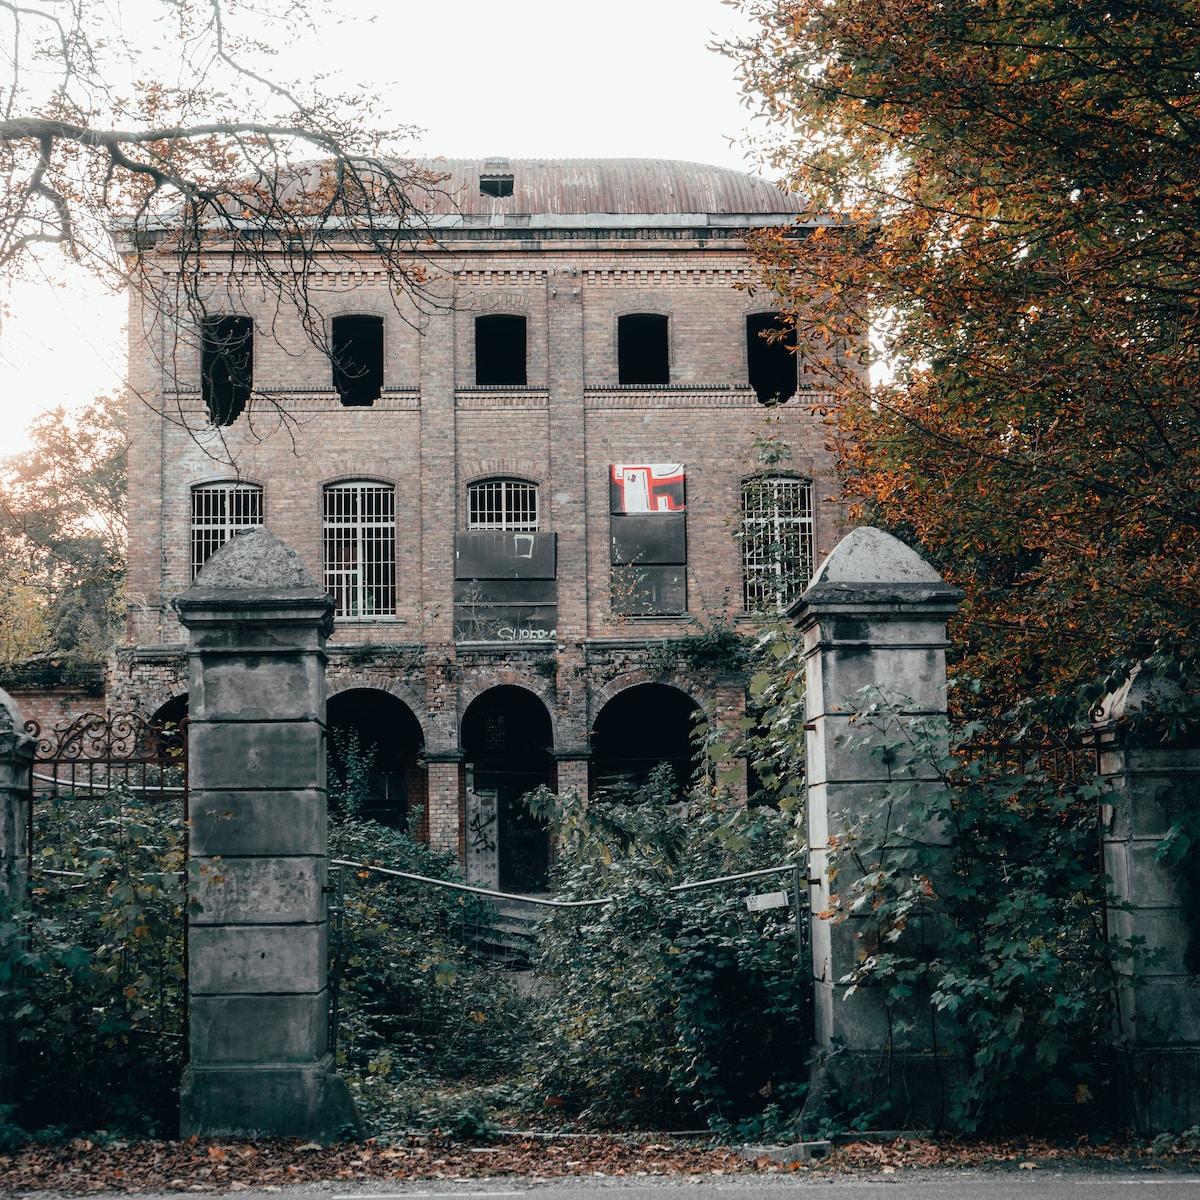 historias de fantasmas, architectural photography grey building